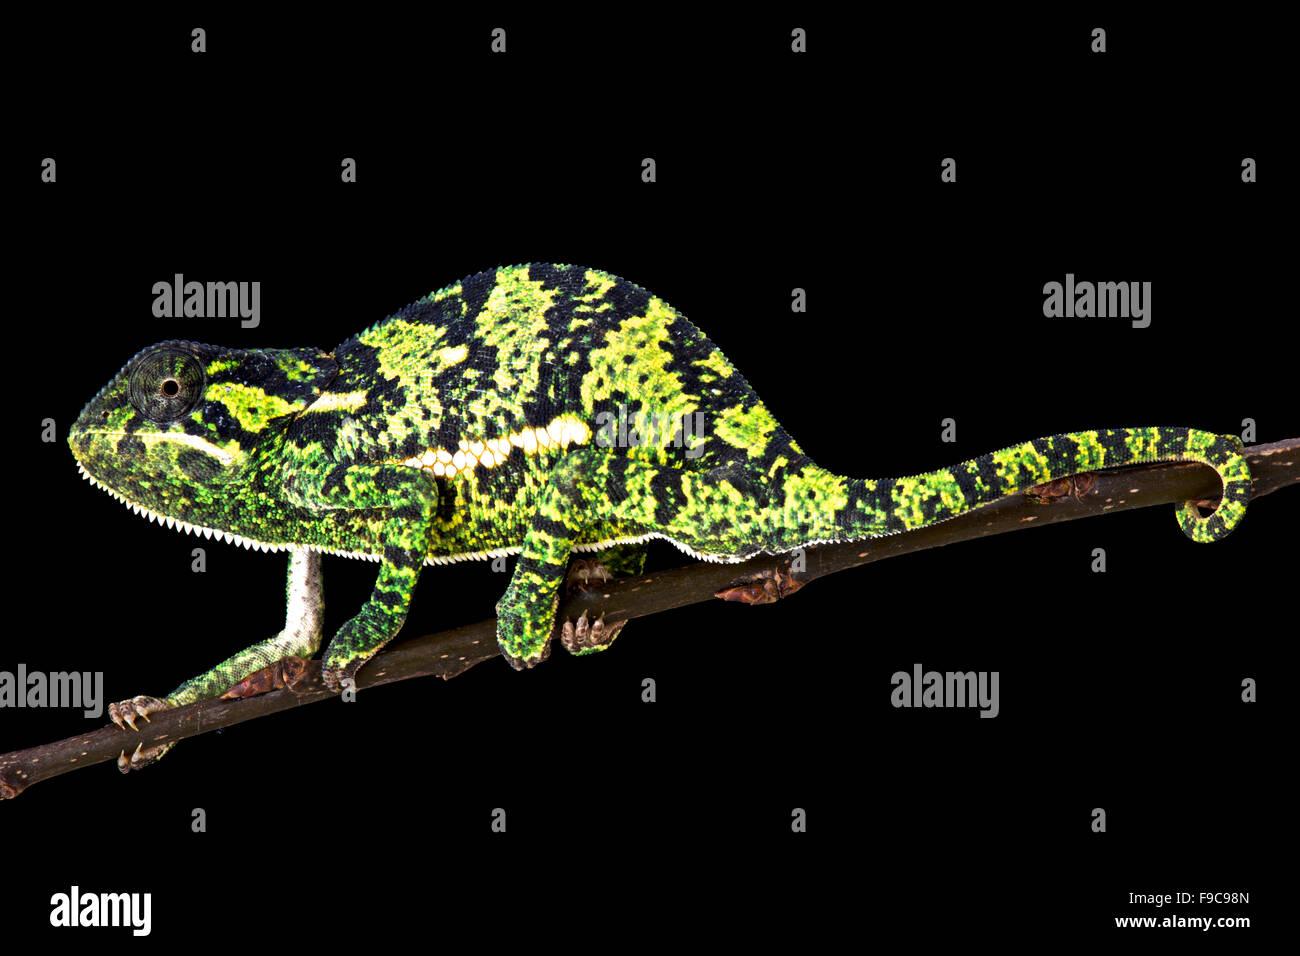 Flapnecked chamaeleon (Chamaeleo dilepis) - Stock Image